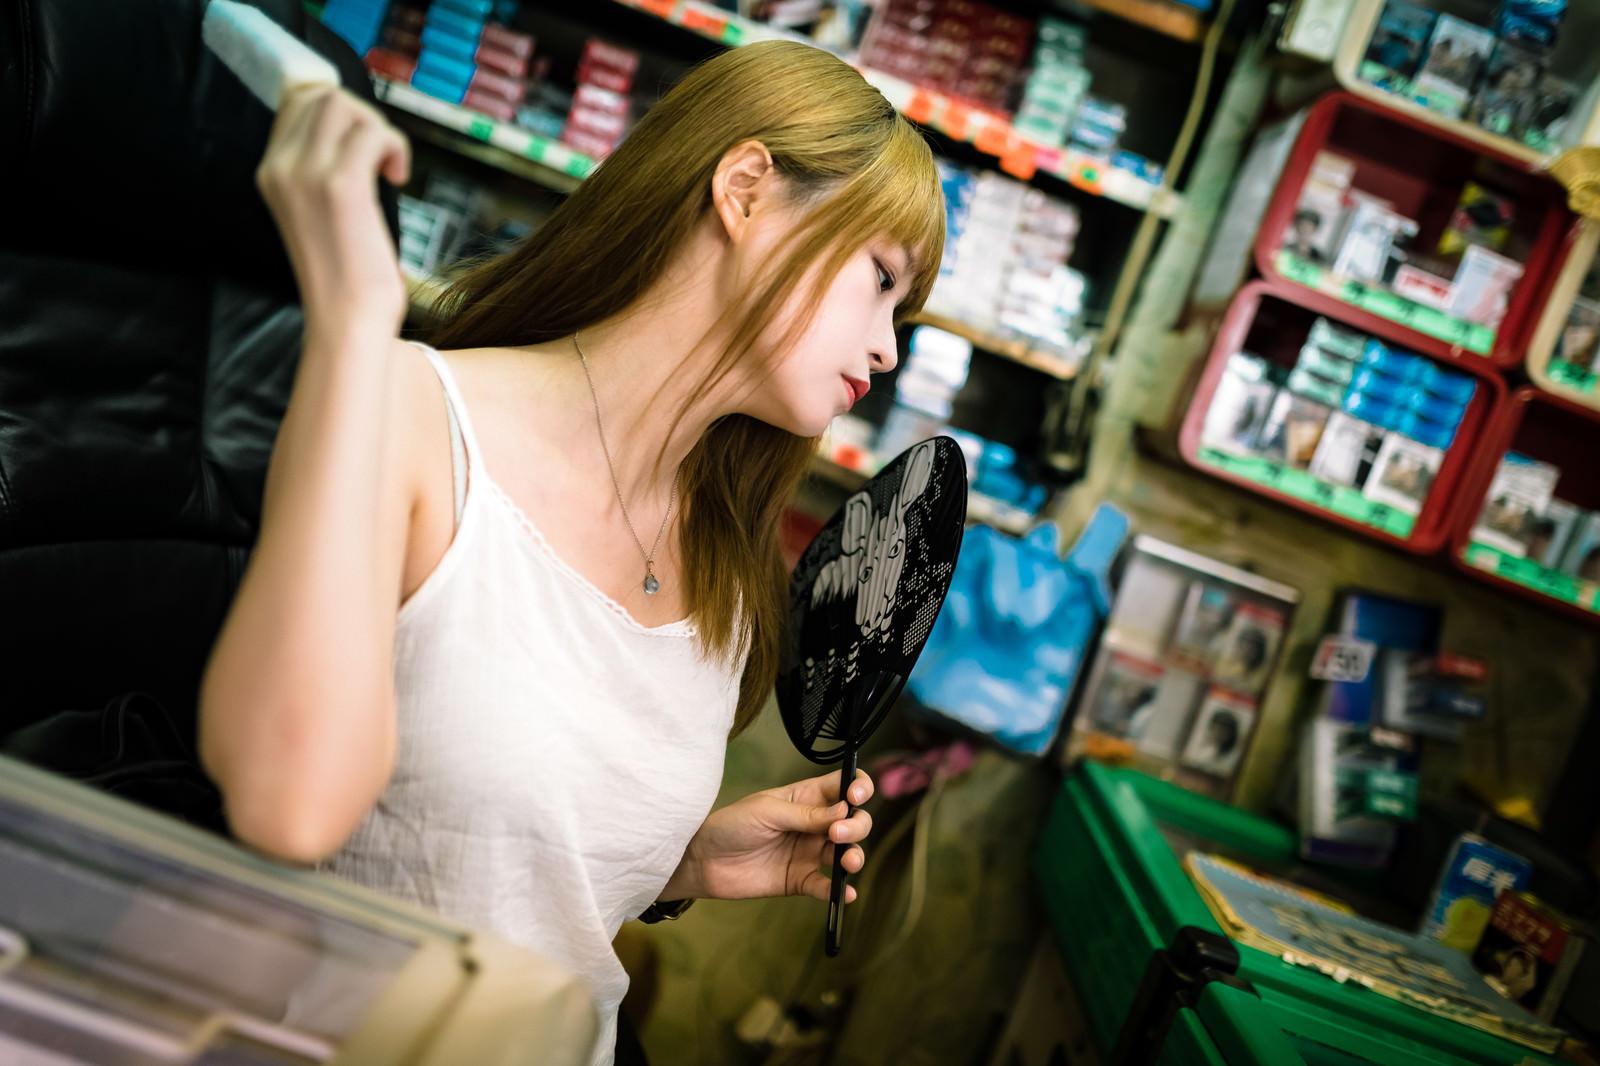 「暑くてうちわで涼む店番女子」の写真[モデル:まめち]